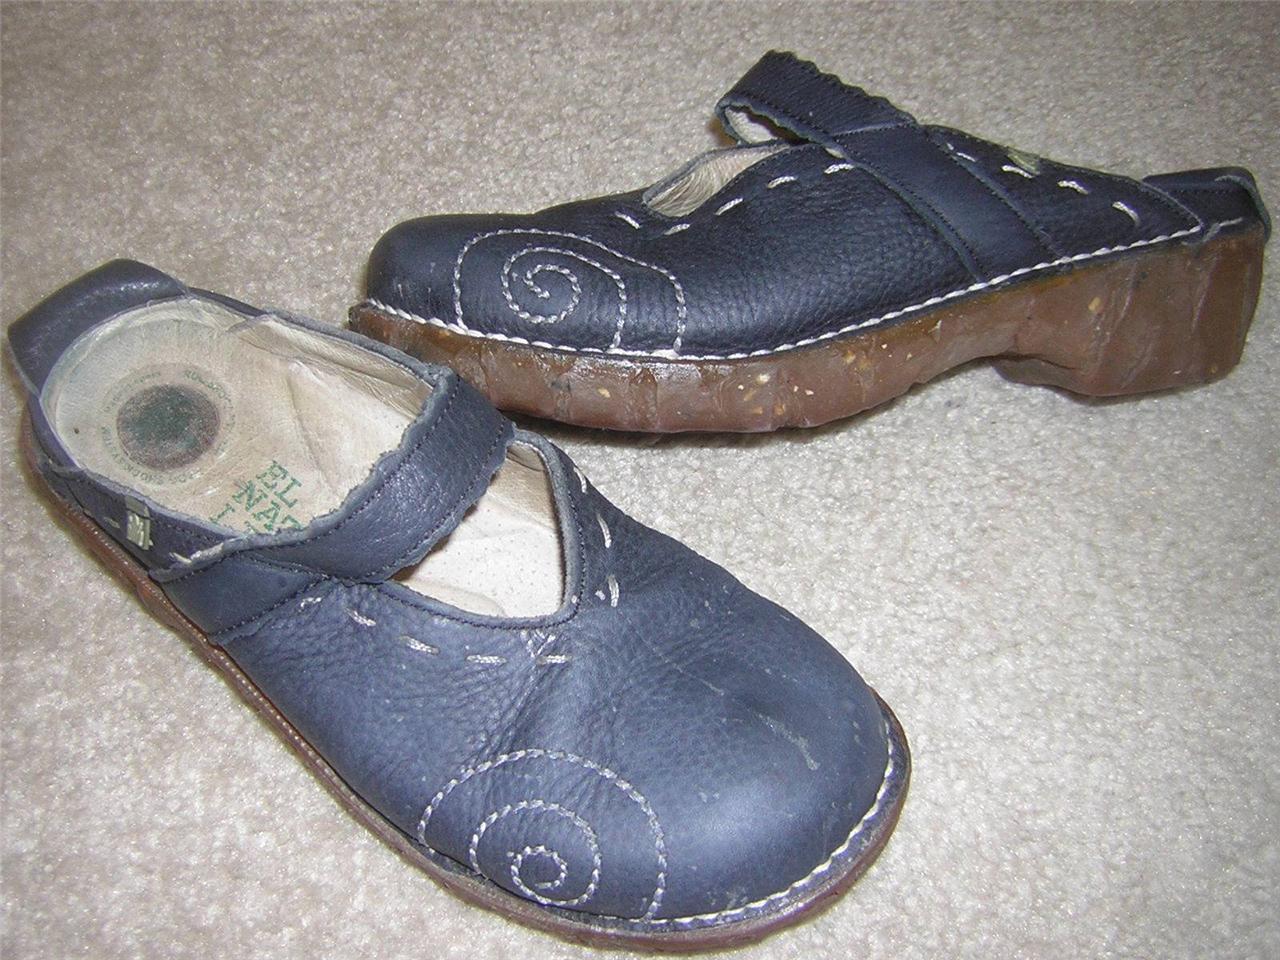 El Naturalista Naturalista Naturalista Iggdrasil N096 Mary Jane Mule Clog shoes bluee Women's Sz US 5-5.5 e81ce2